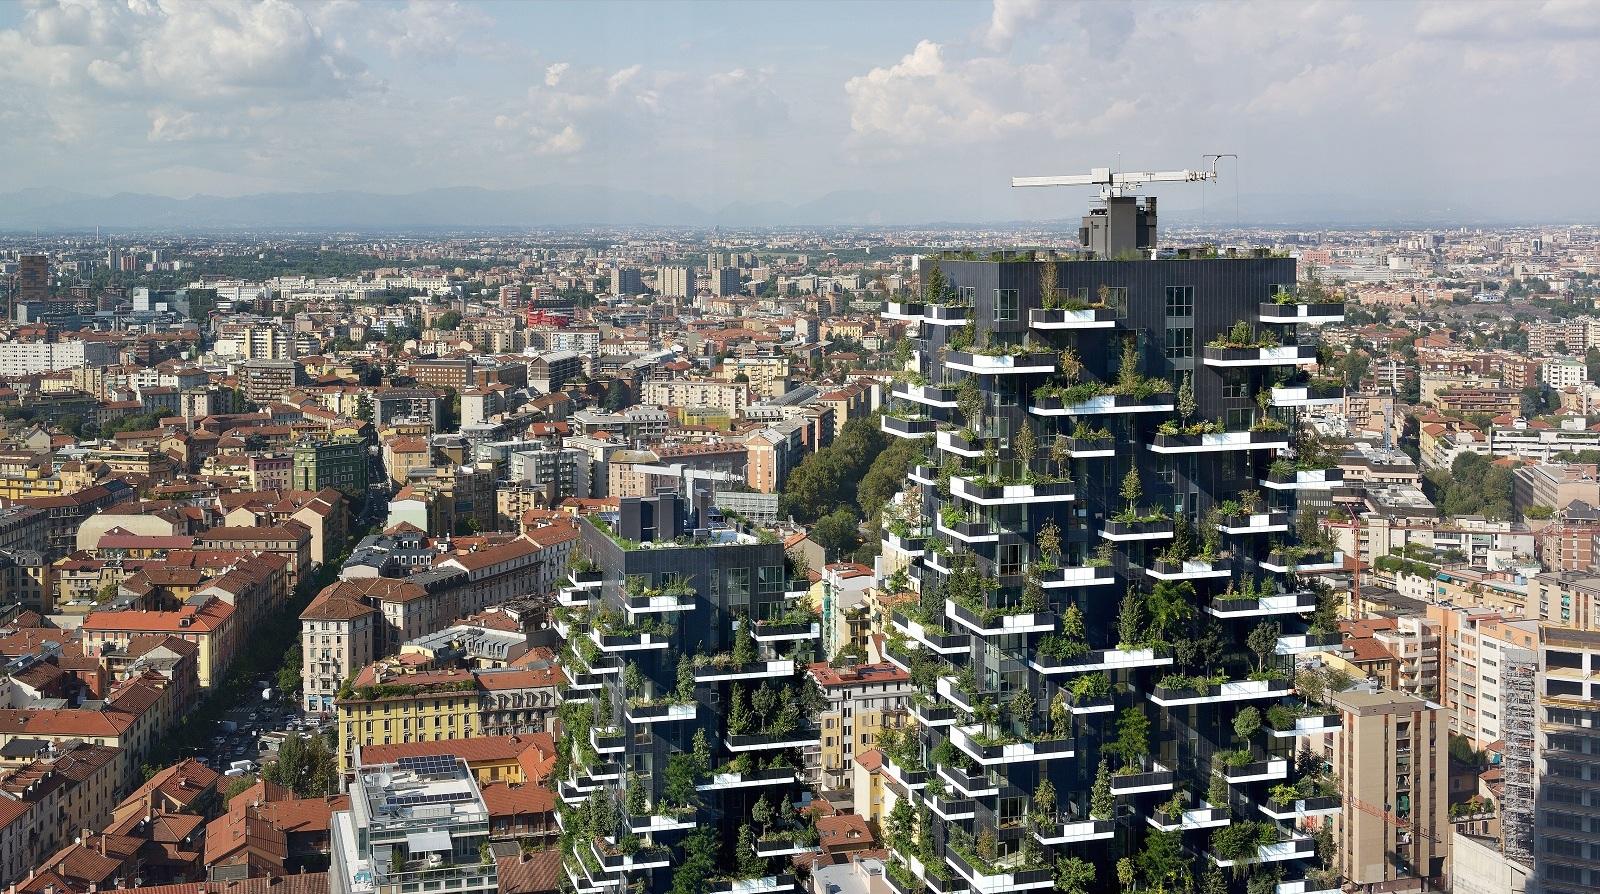 Un bosque vertical es la premisa de Stefano Boeri para el rescate ambiental de las urbes